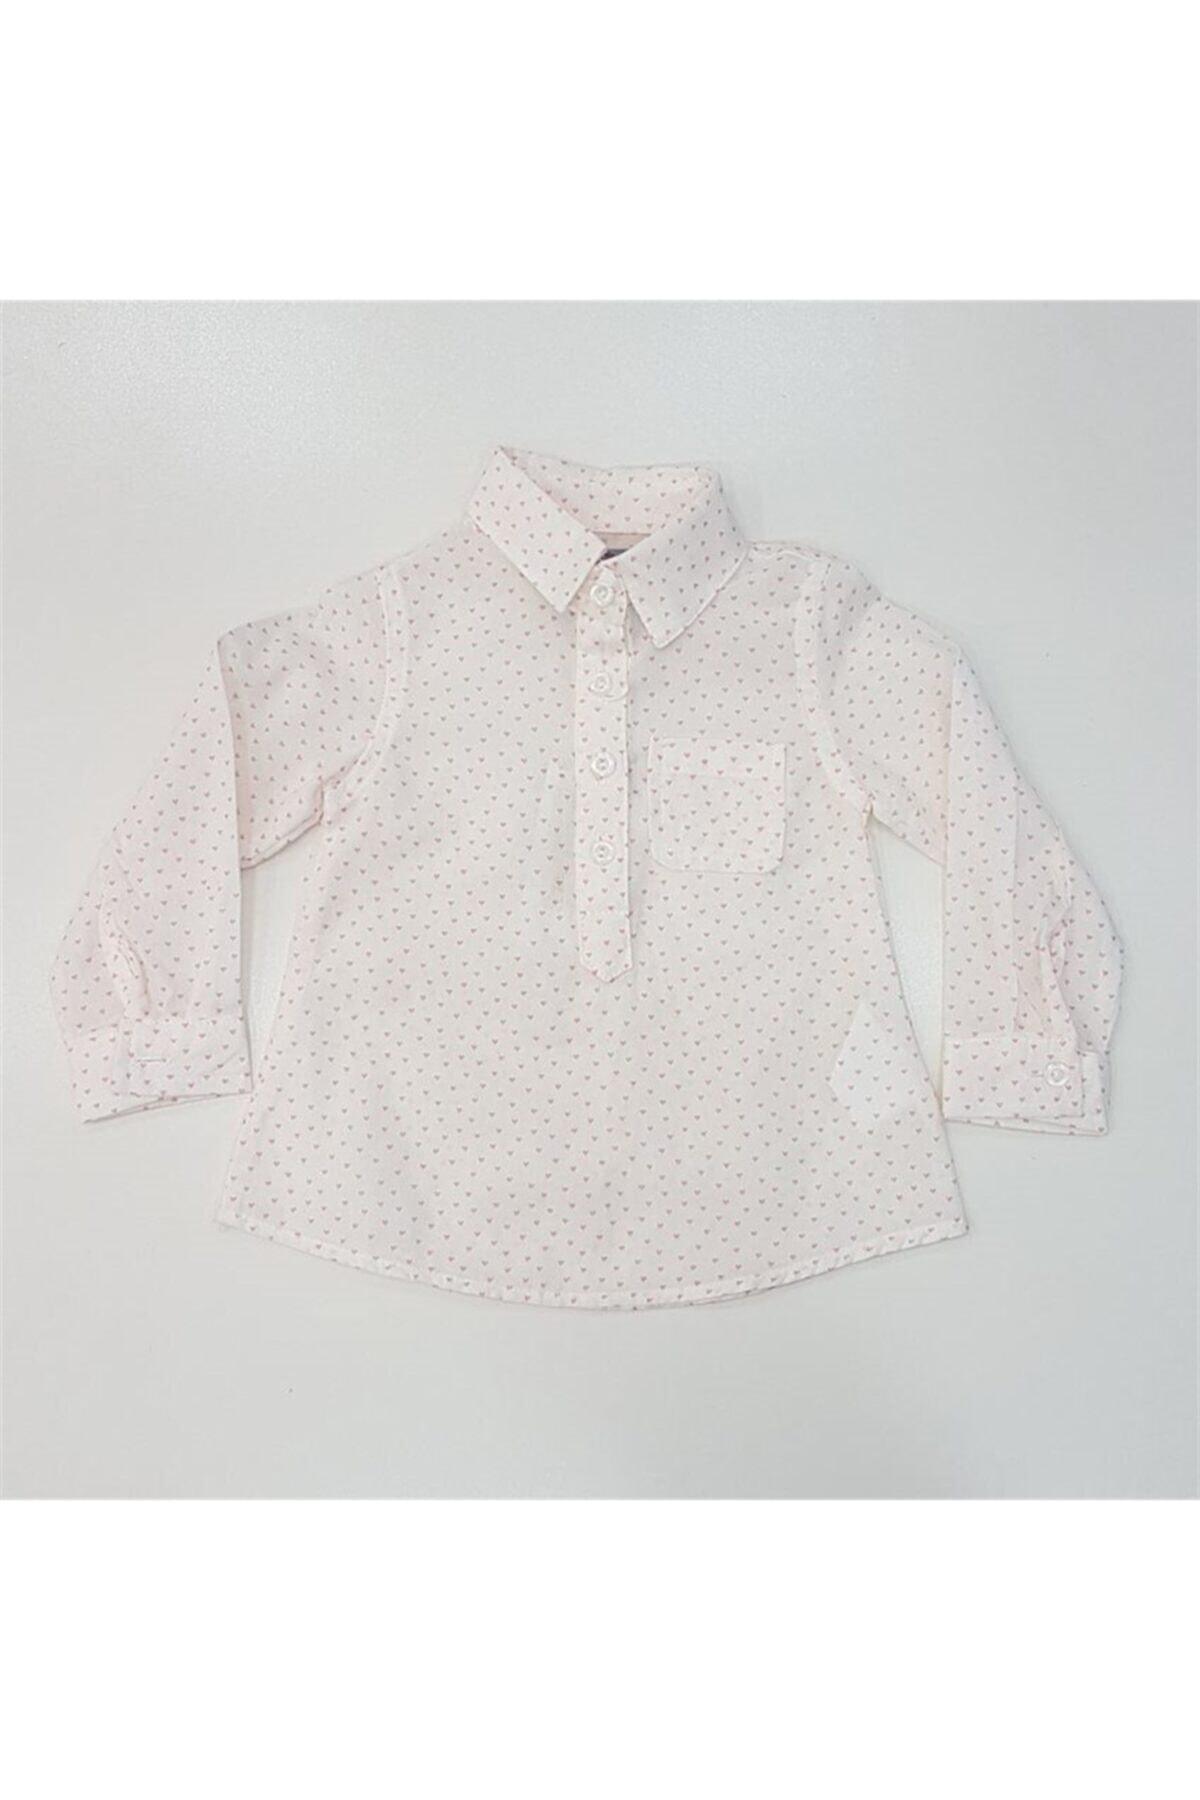 Timo Kids 271094 Kız Bebek Kalp Desenli U.kol Gömlek 1